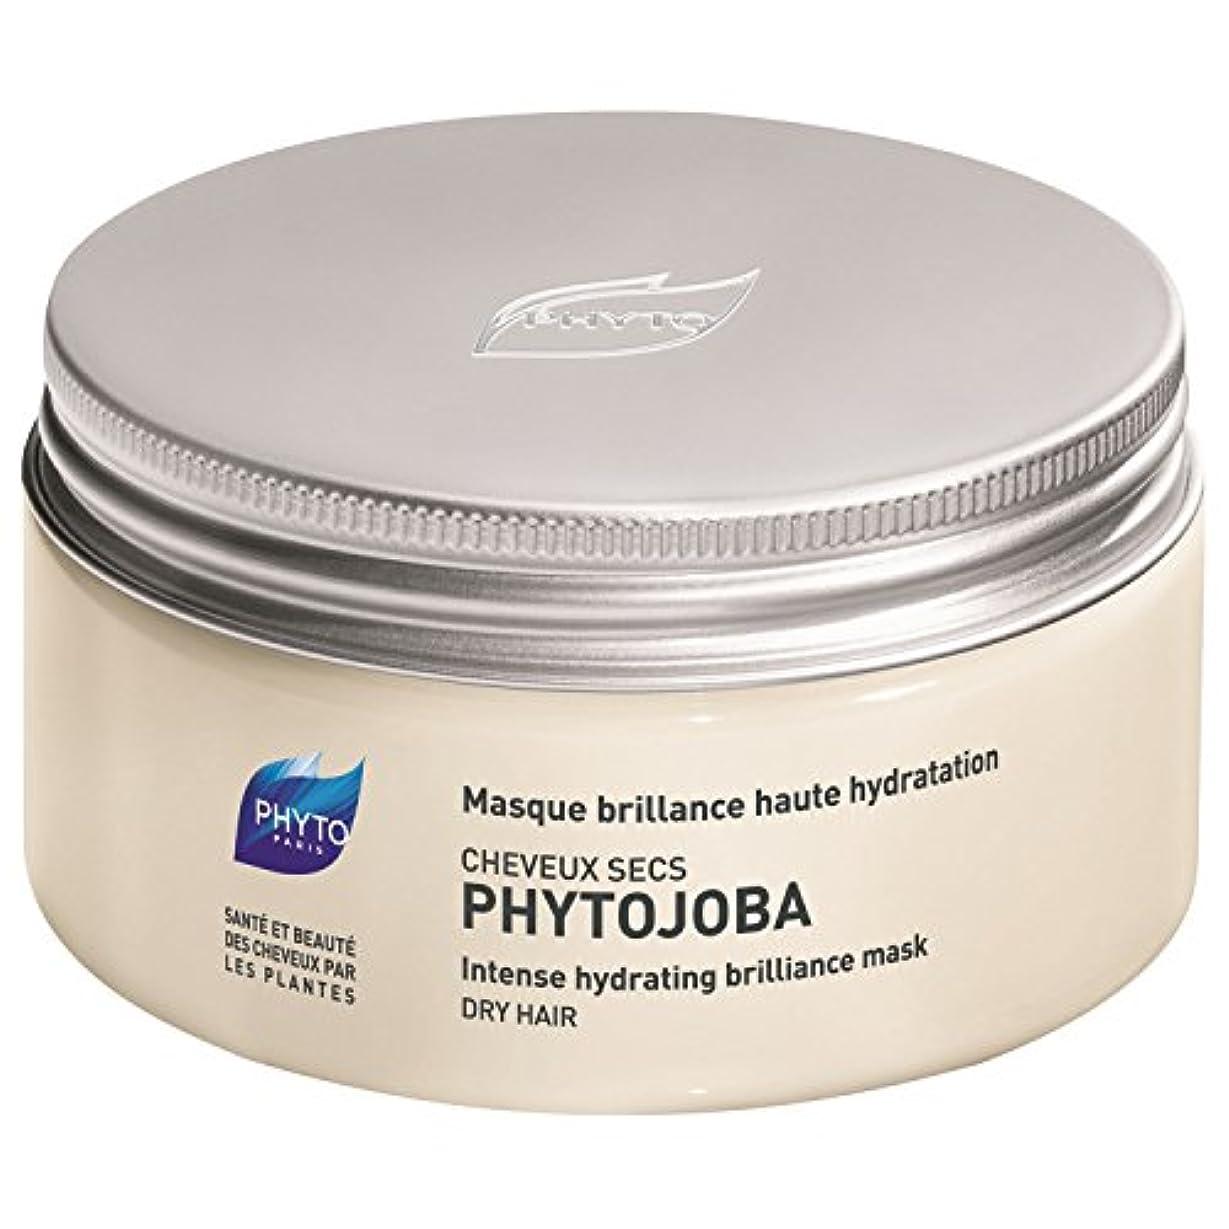 温室サービス厳しいフィトPhytojoba強烈な水分補給マスク200ミリリットル (Phyto) (x6) - Phyto Phytojoba Intense Hydrating Mask 200ml (Pack of 6) [並行輸入品]